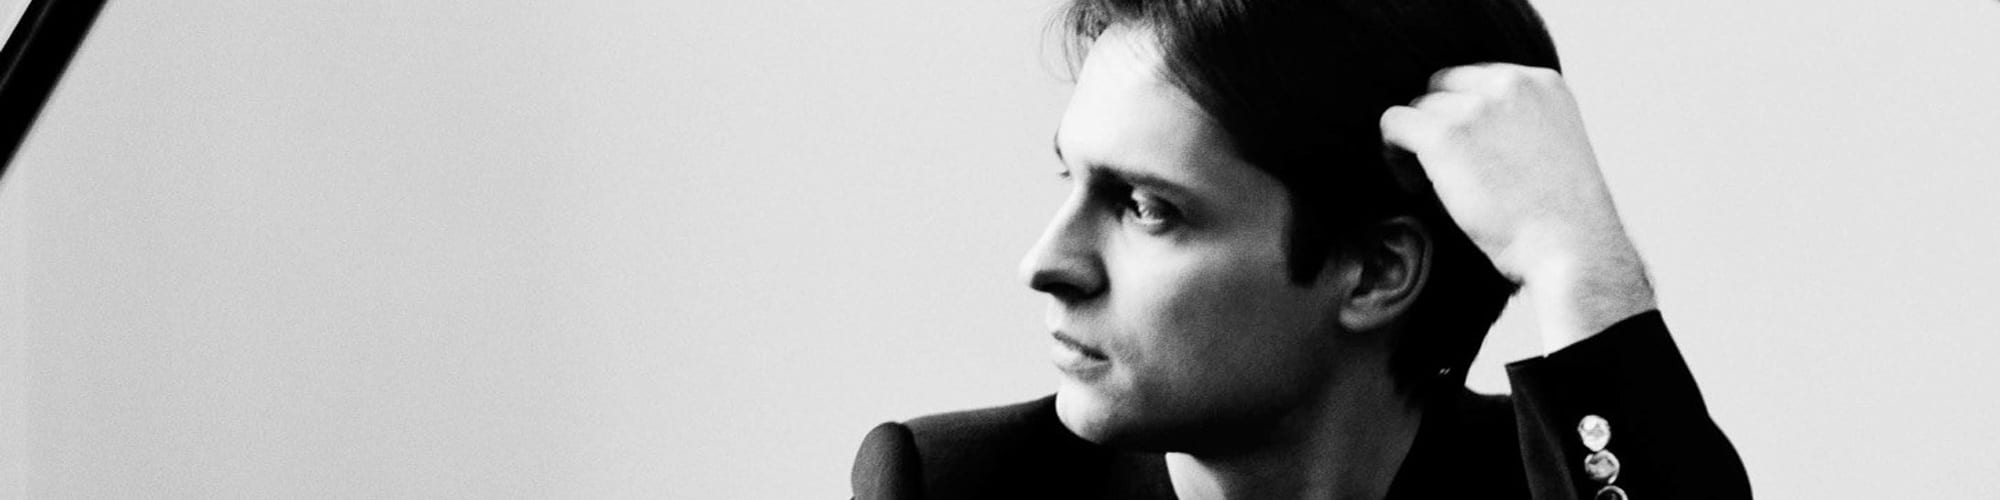 Sasha Grynyuk, piano, Rosendal Chamber Music Festival 2019